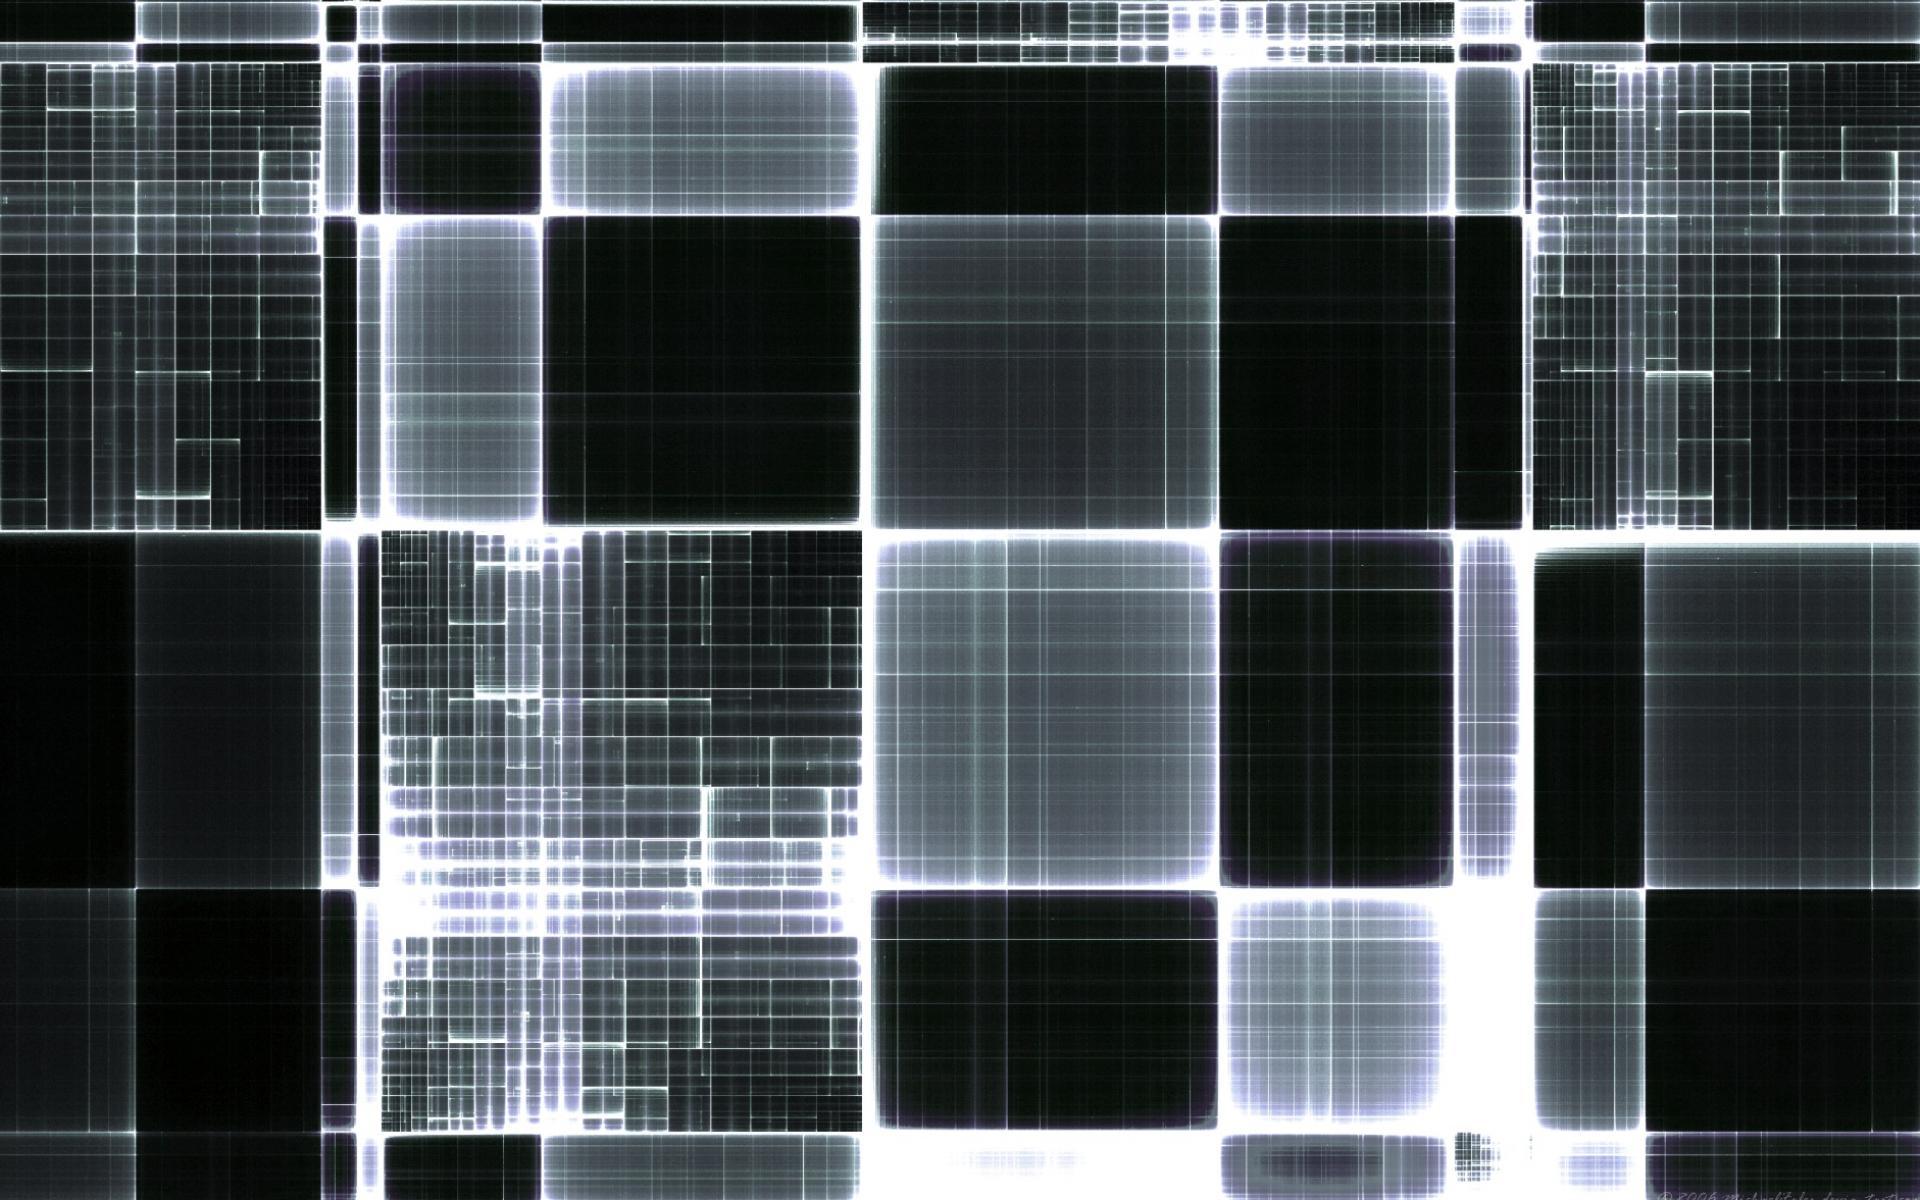 Черно белые — кубическая абстракция